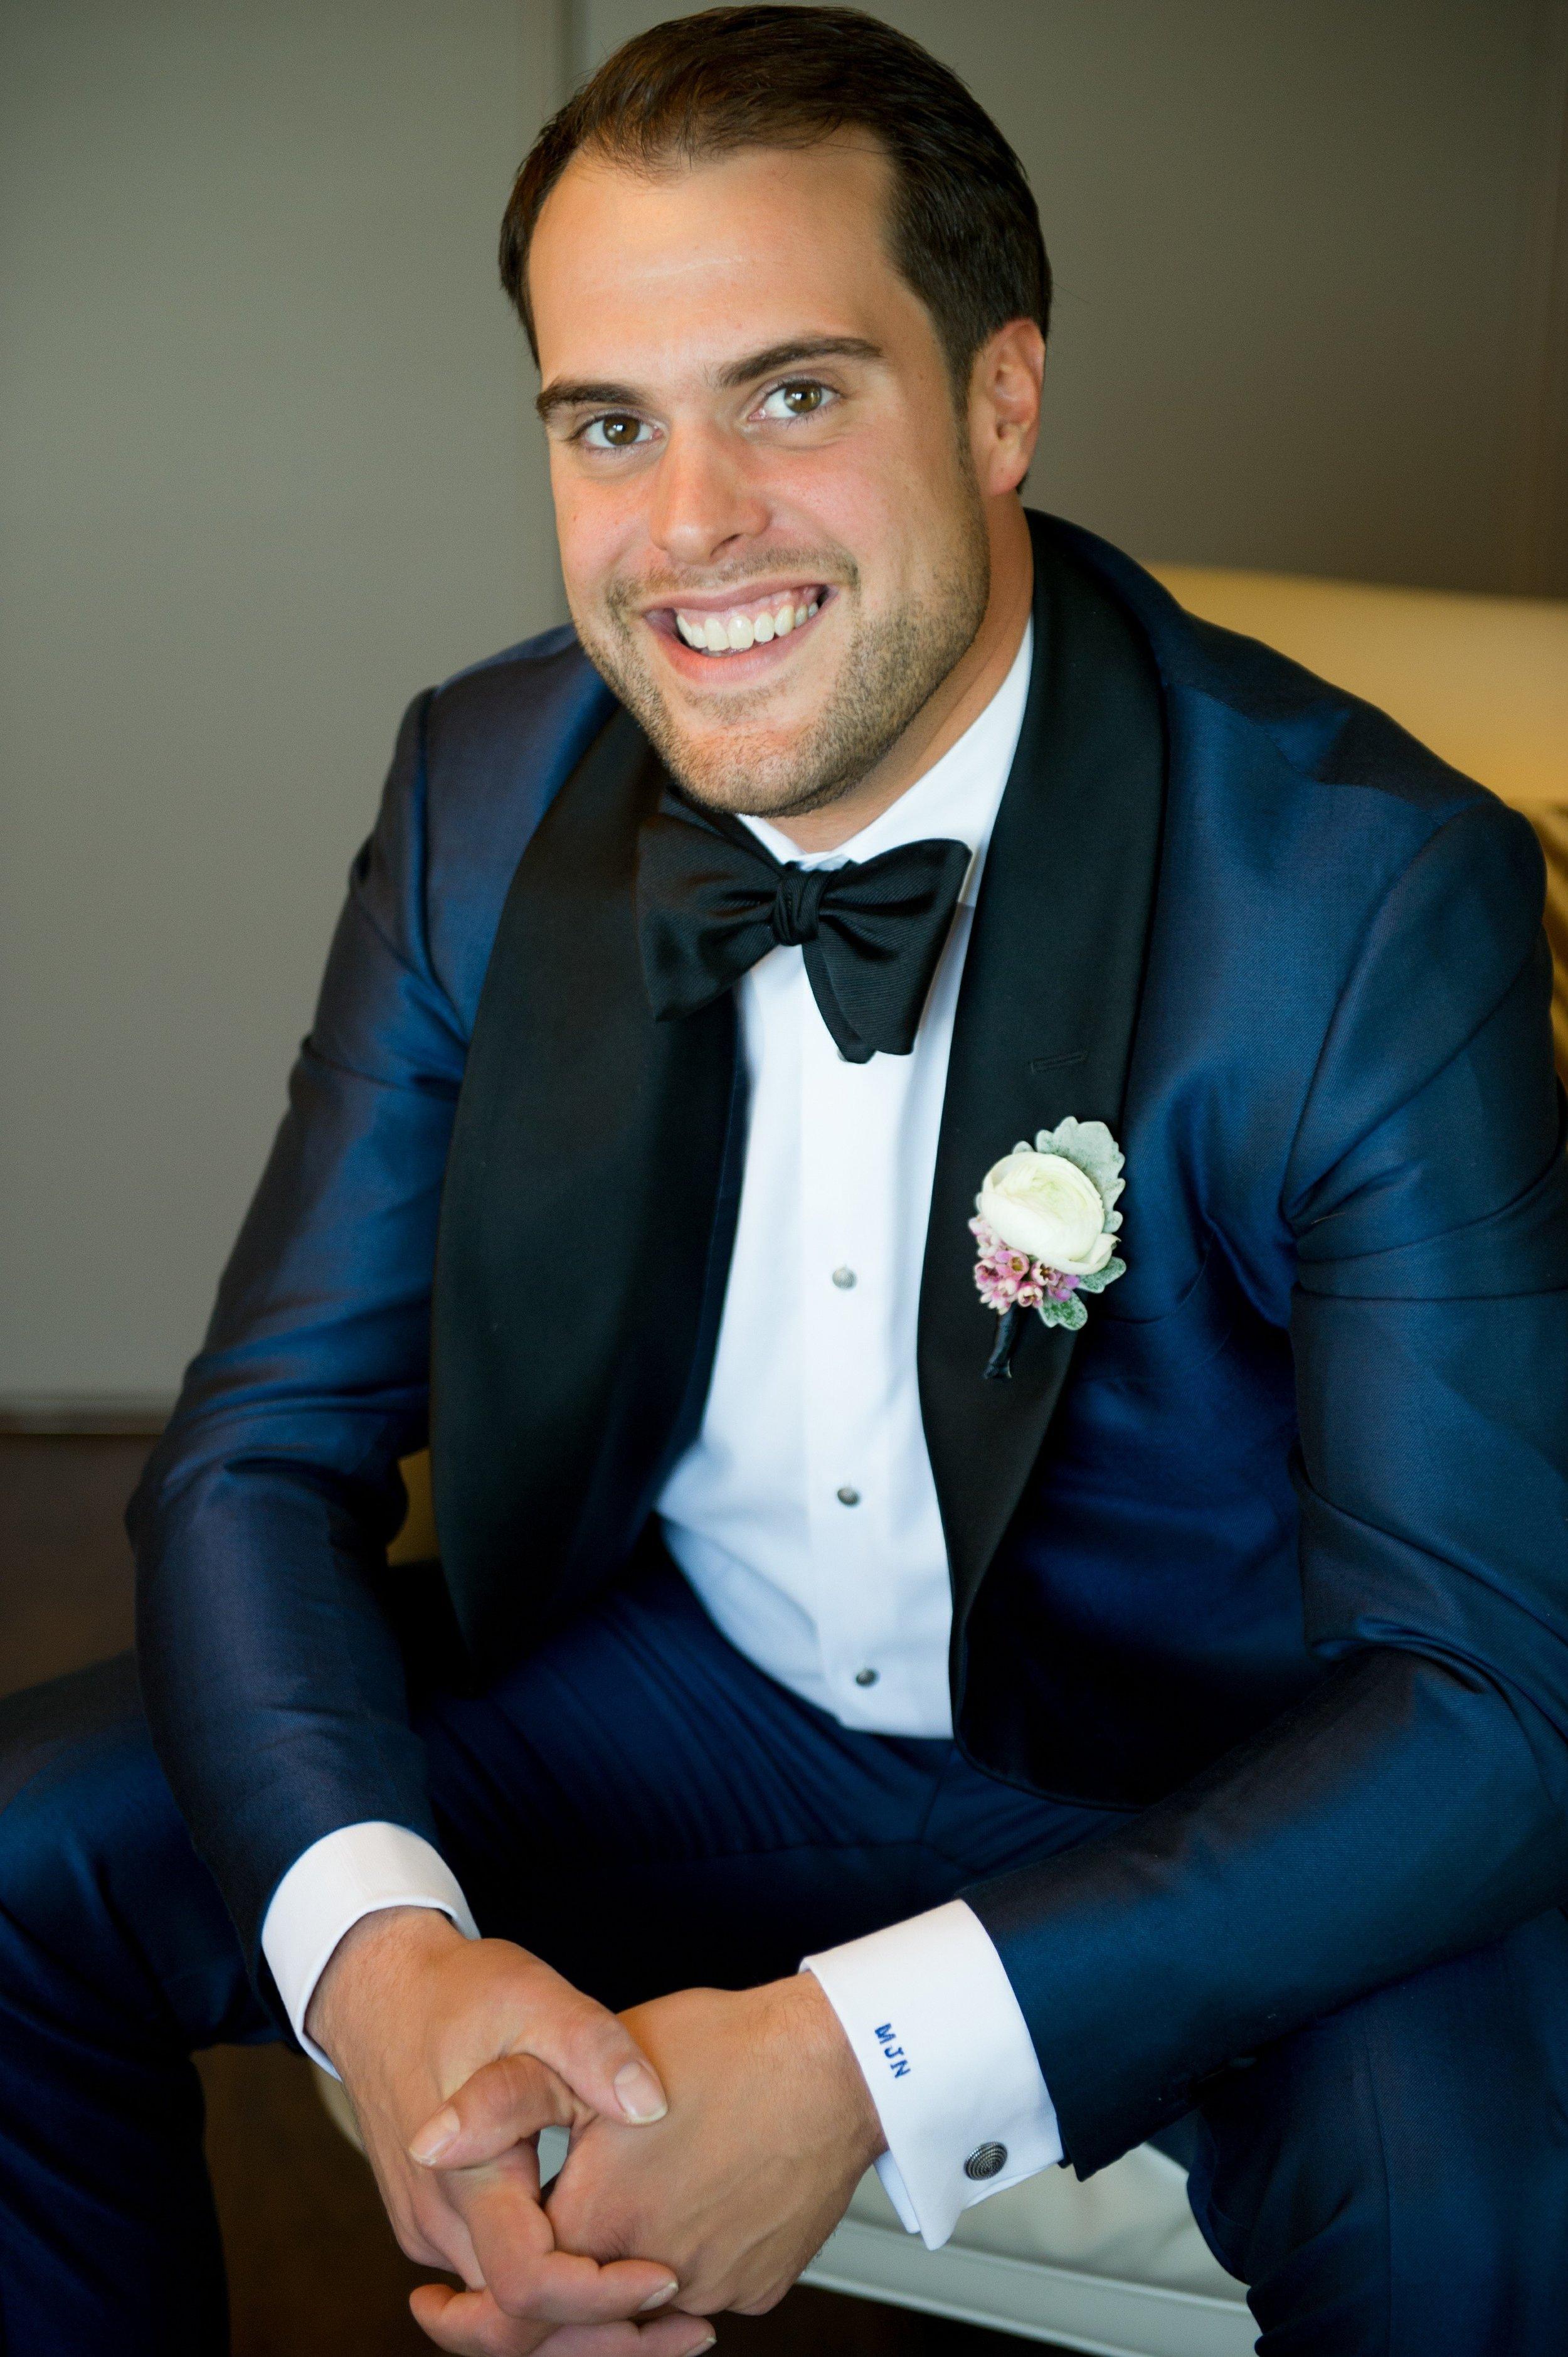 winsor event studio navy suit groom